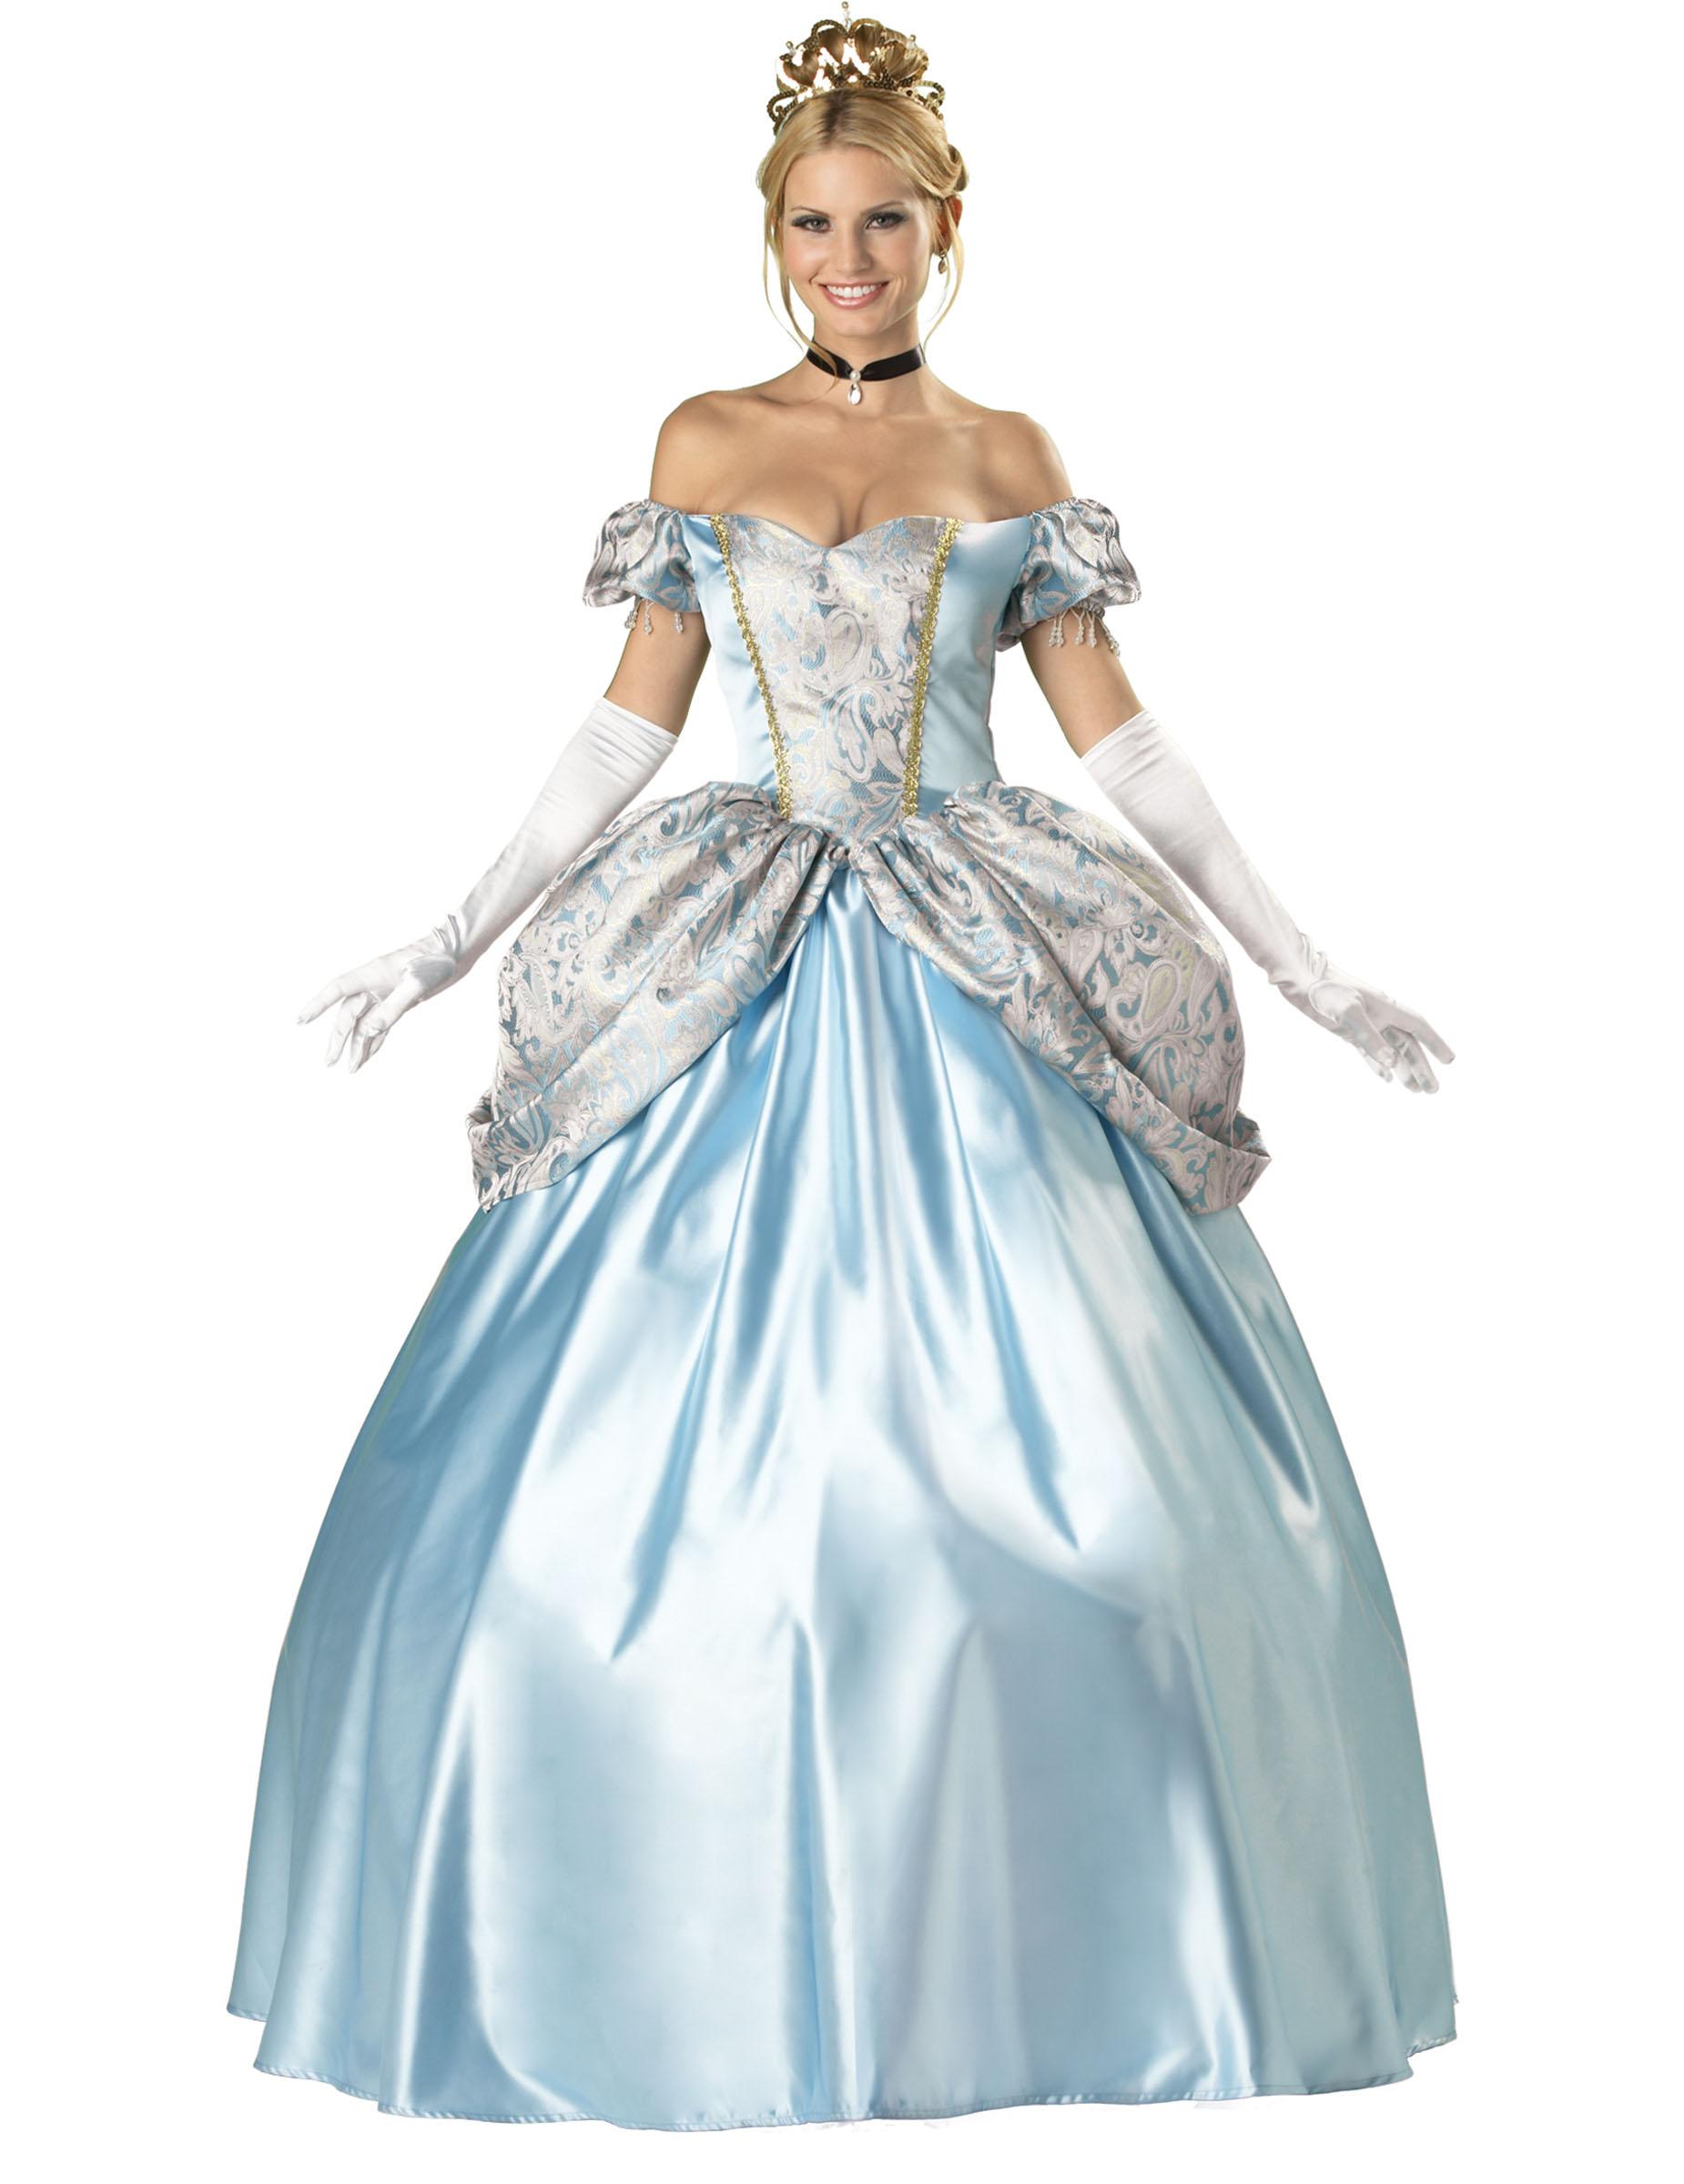 59c644a2a930 Travestimento Principessa donna - Premium: Costumi adulti,e vestiti ...